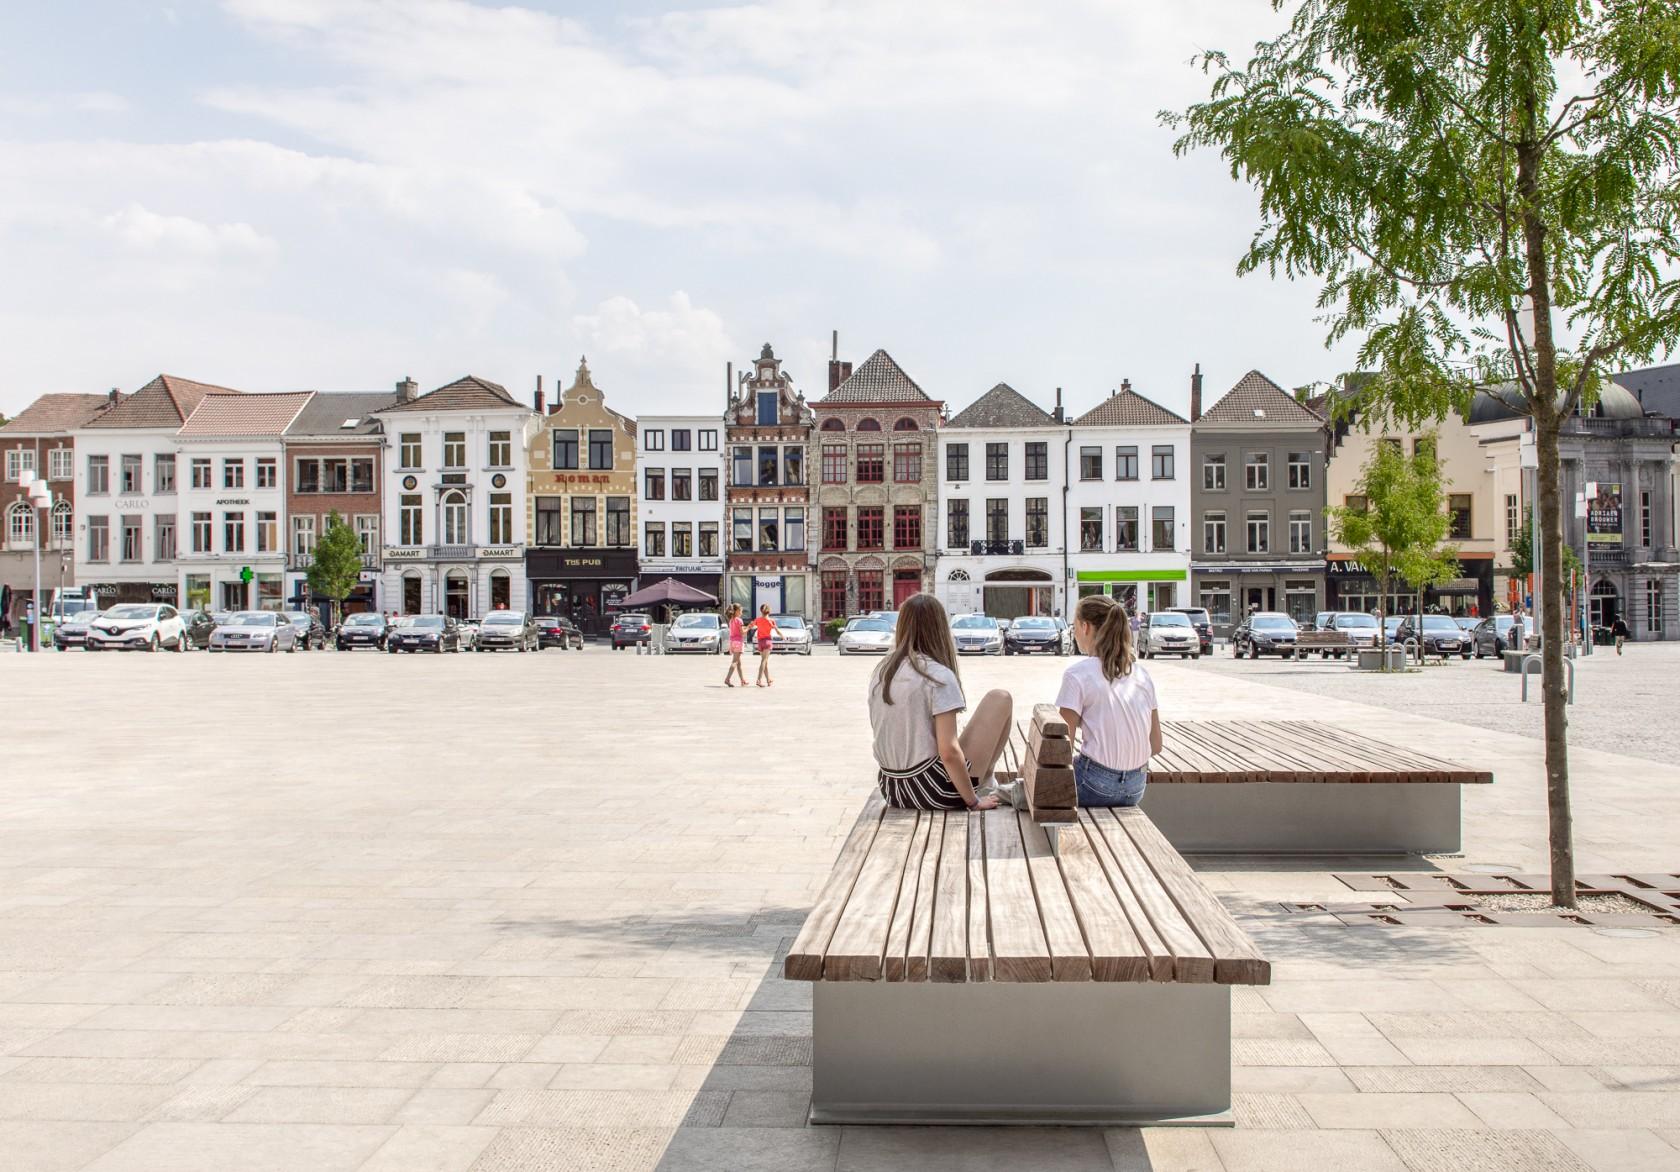 Abscis Architecten - zitelementen op het plein - foto Jeroen Verrecht